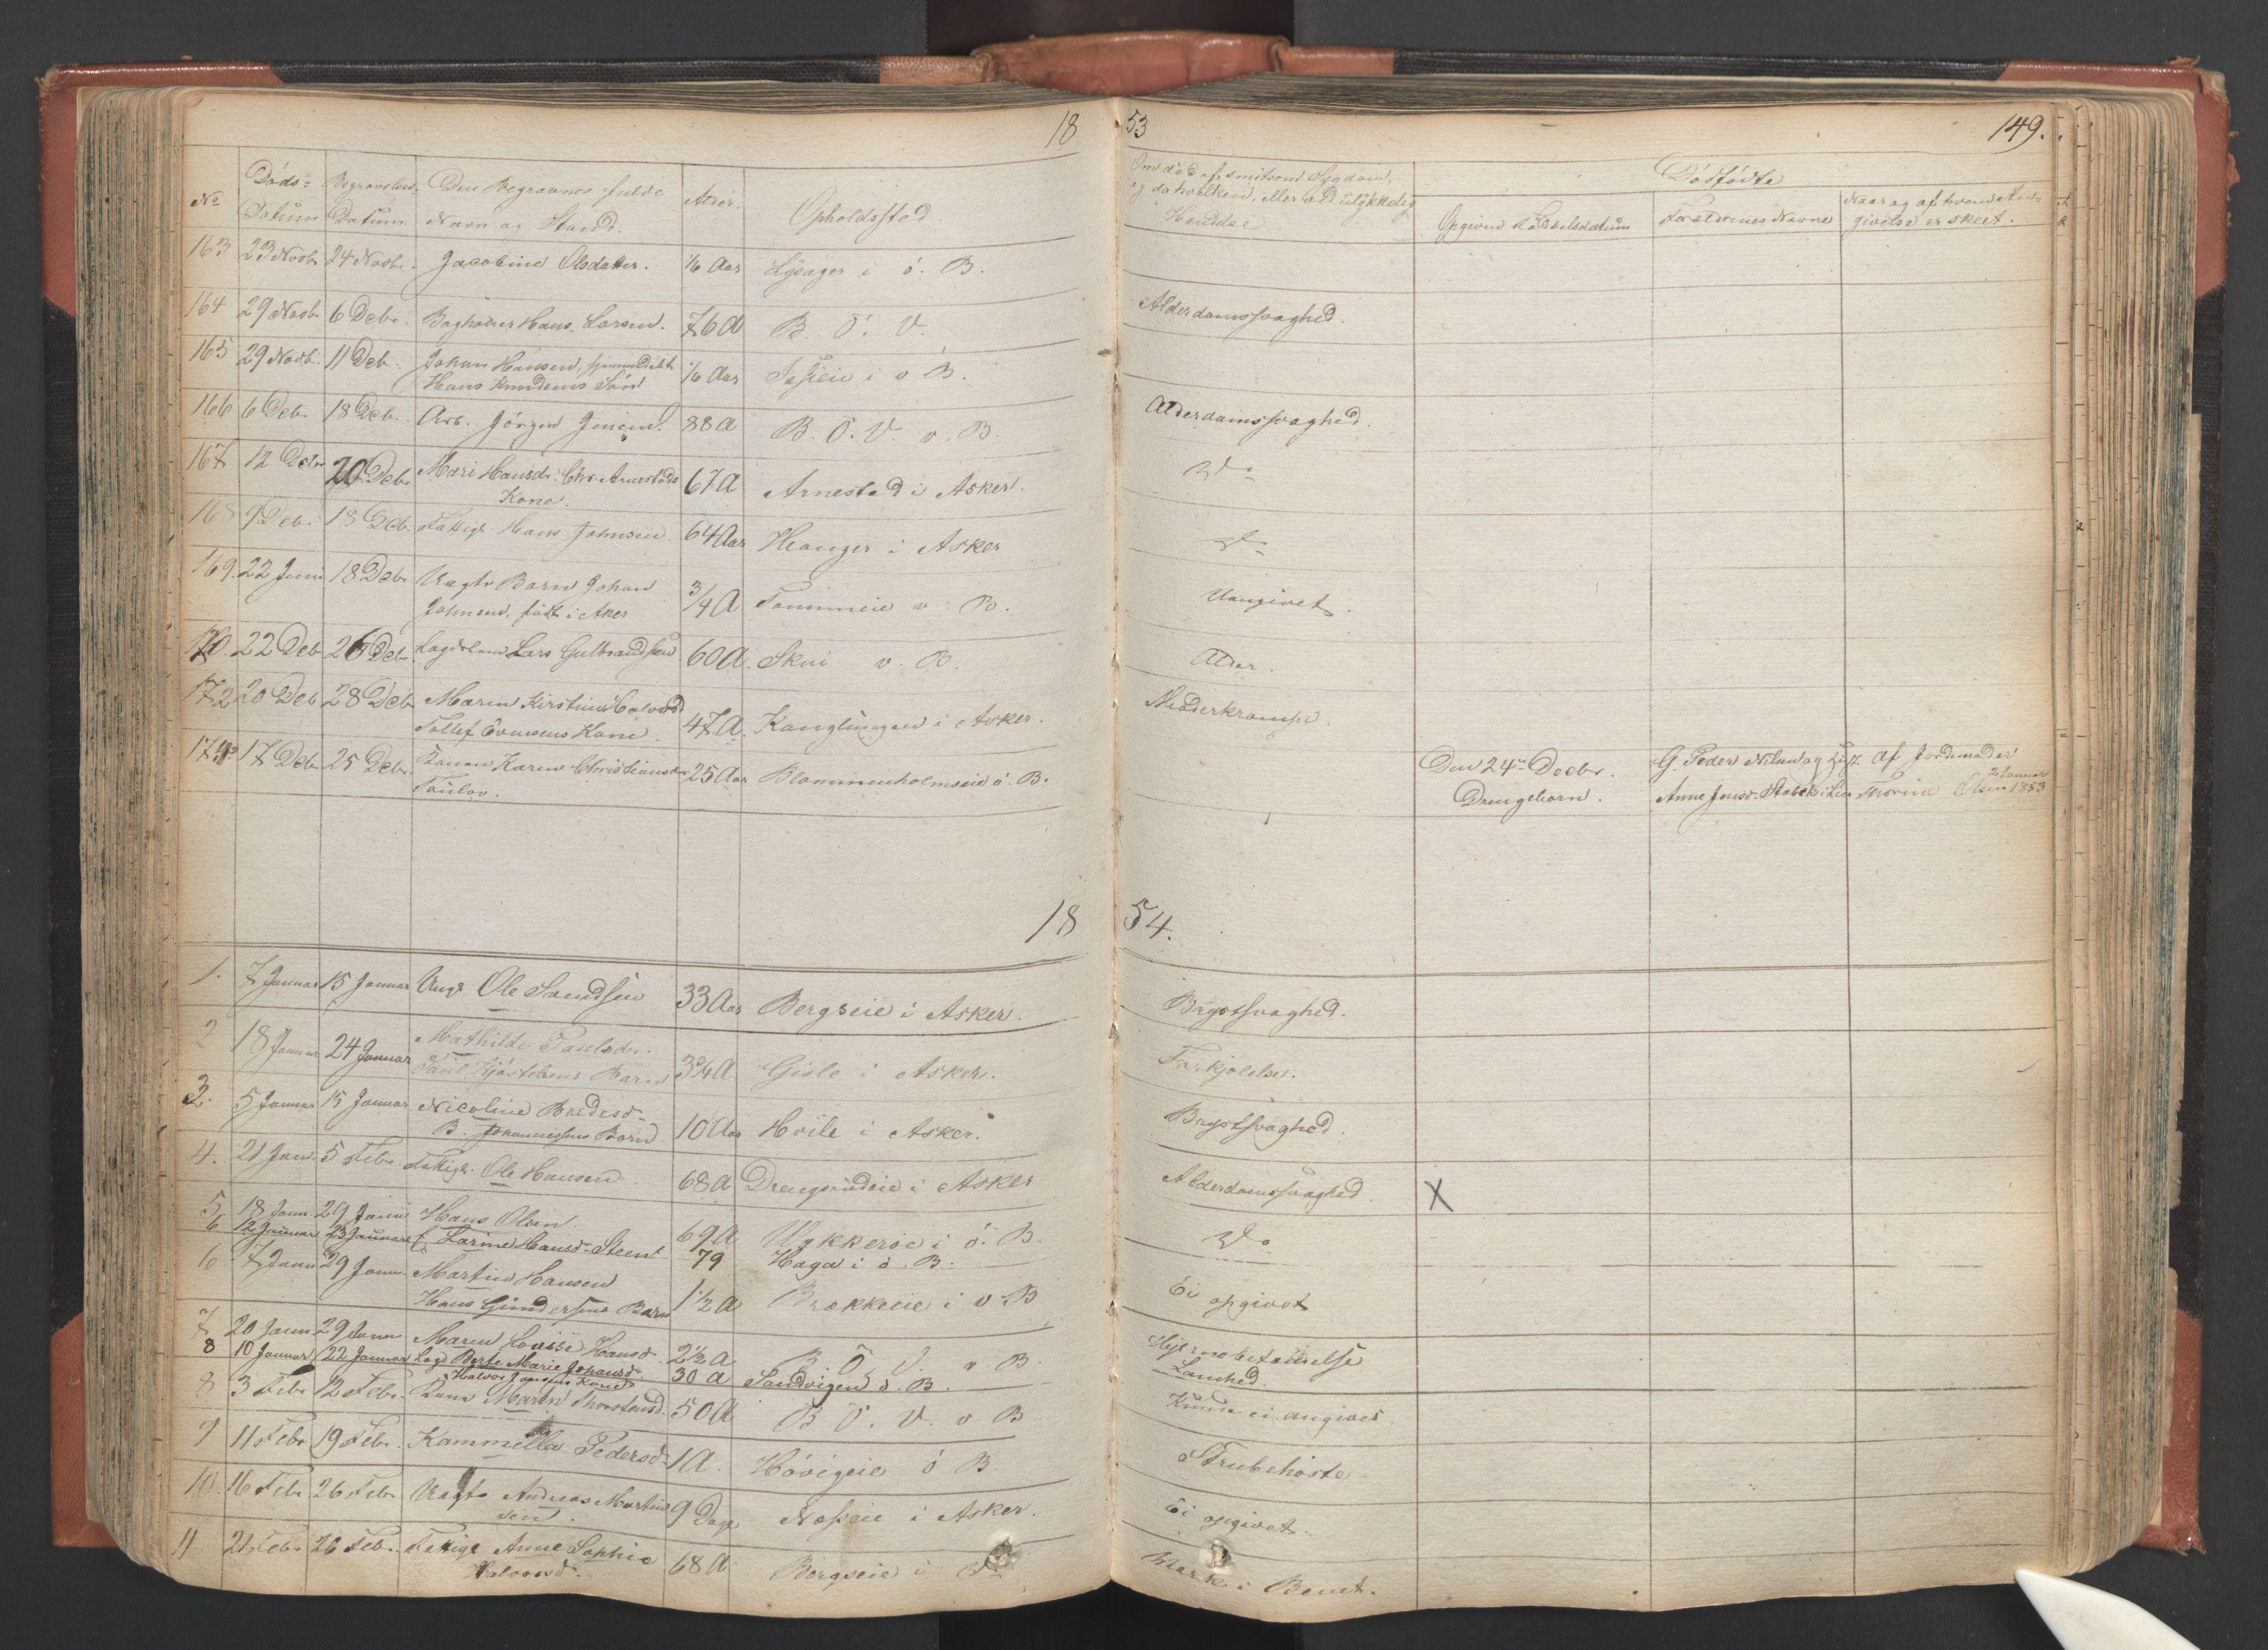 SAO, Asker prestekontor Kirkebøker, F/Fa/L0011: Ministerialbok nr. I 11, 1825-1878, s. 149